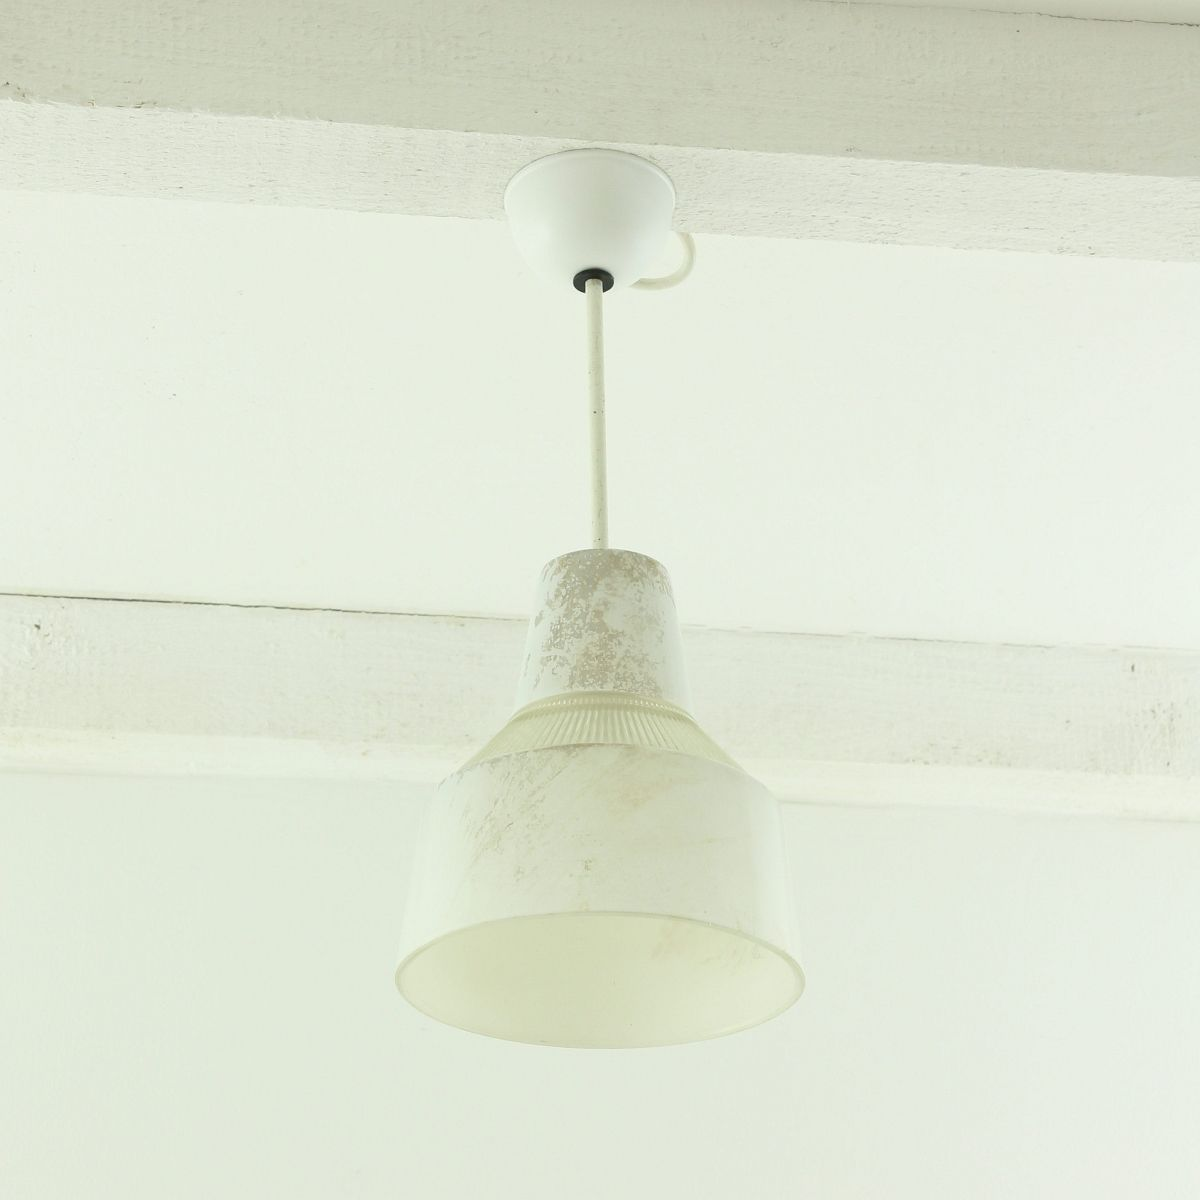 Industrielle Glas Deckenlampe, 1930er